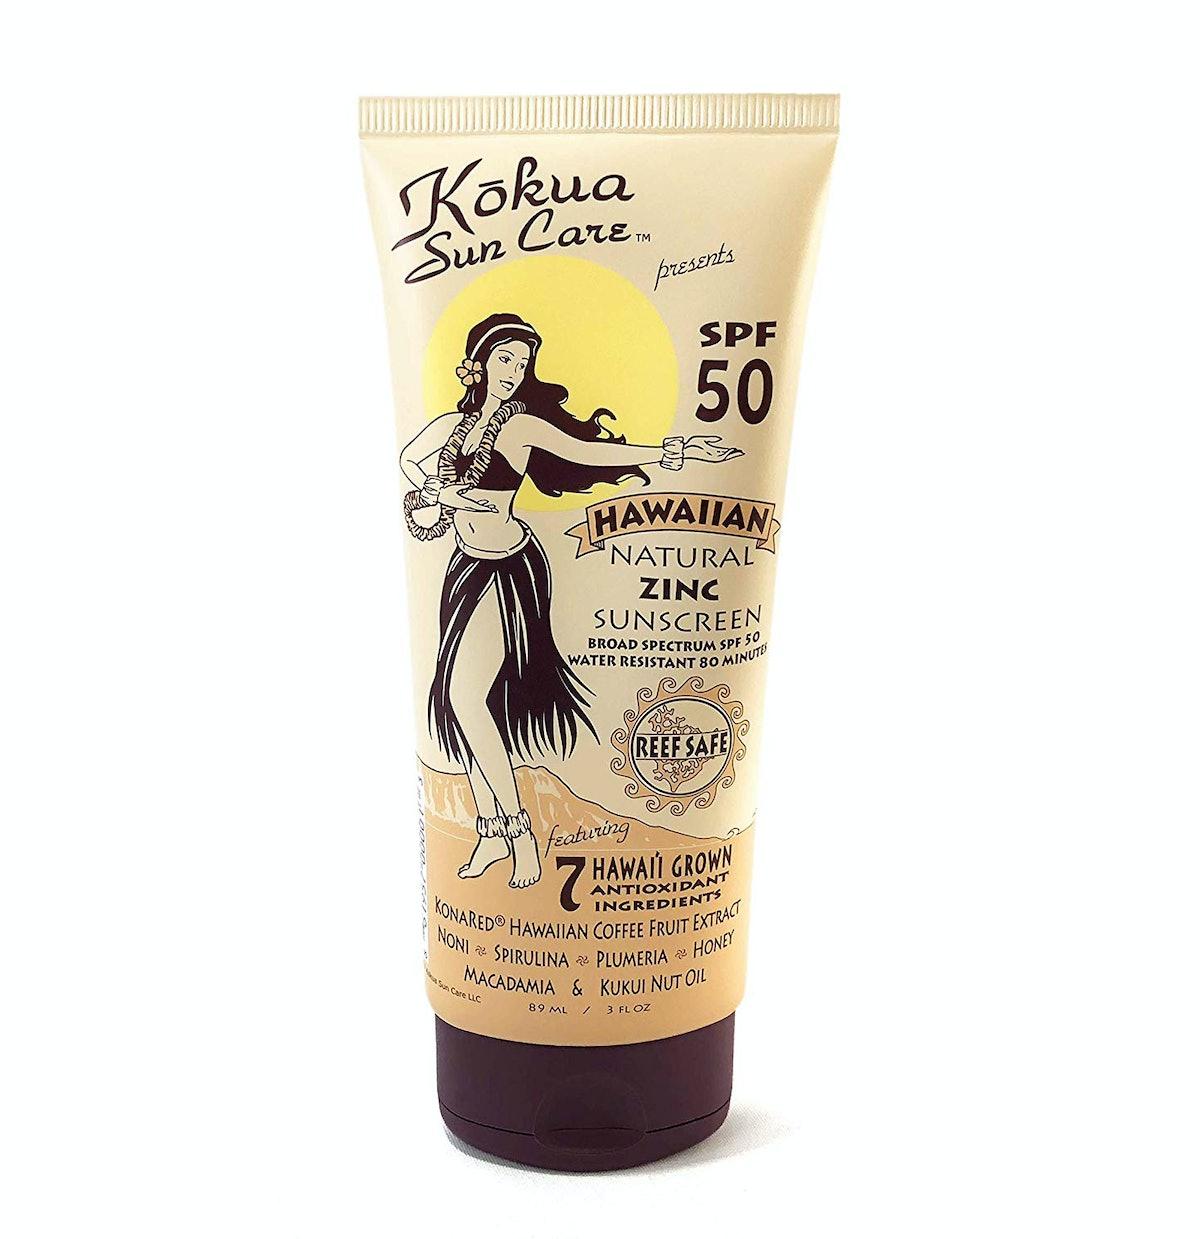 Kōkua Sun Care Hawaiian Natural Zinc Sunscreen SPF 50